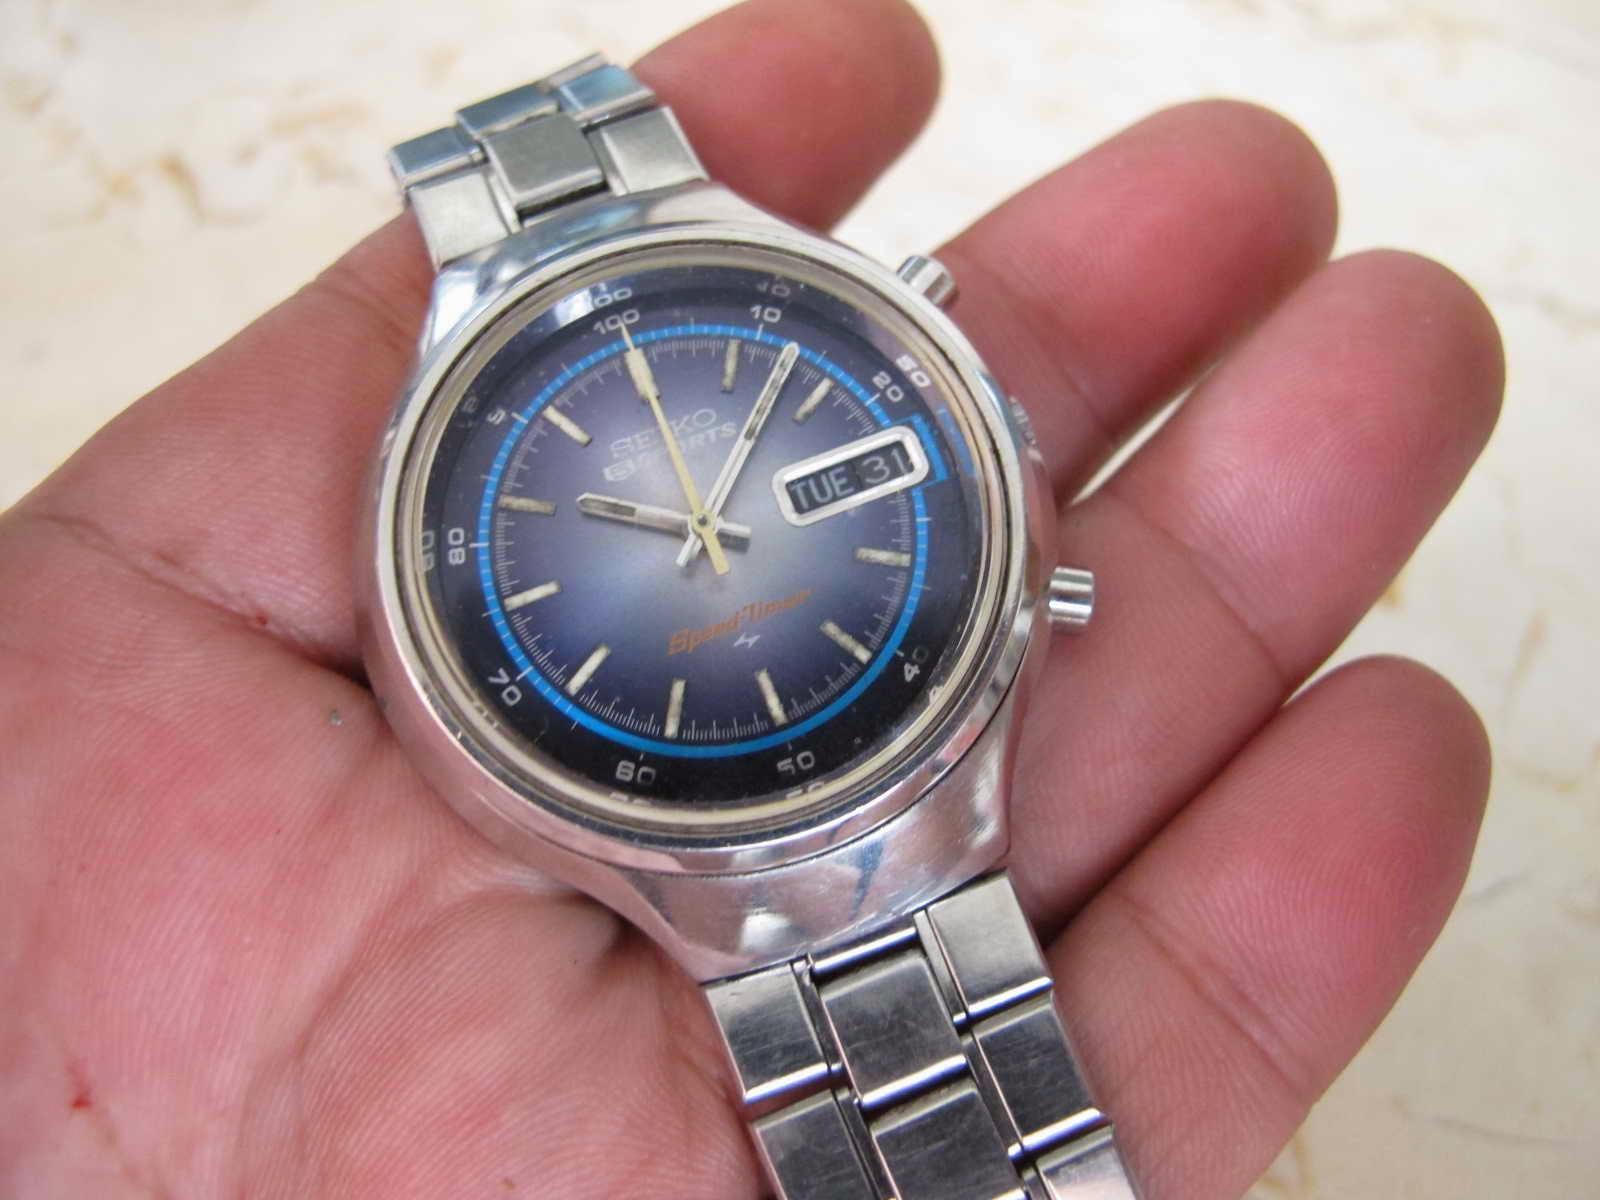 Tebal case 12 mm dan lebar lug 18 mm Kondisi Mantap SPeedtimer Cocok untuk Anda yang sedang mencari jam tangan Seiko Chronograph rare SPEEDTIMER